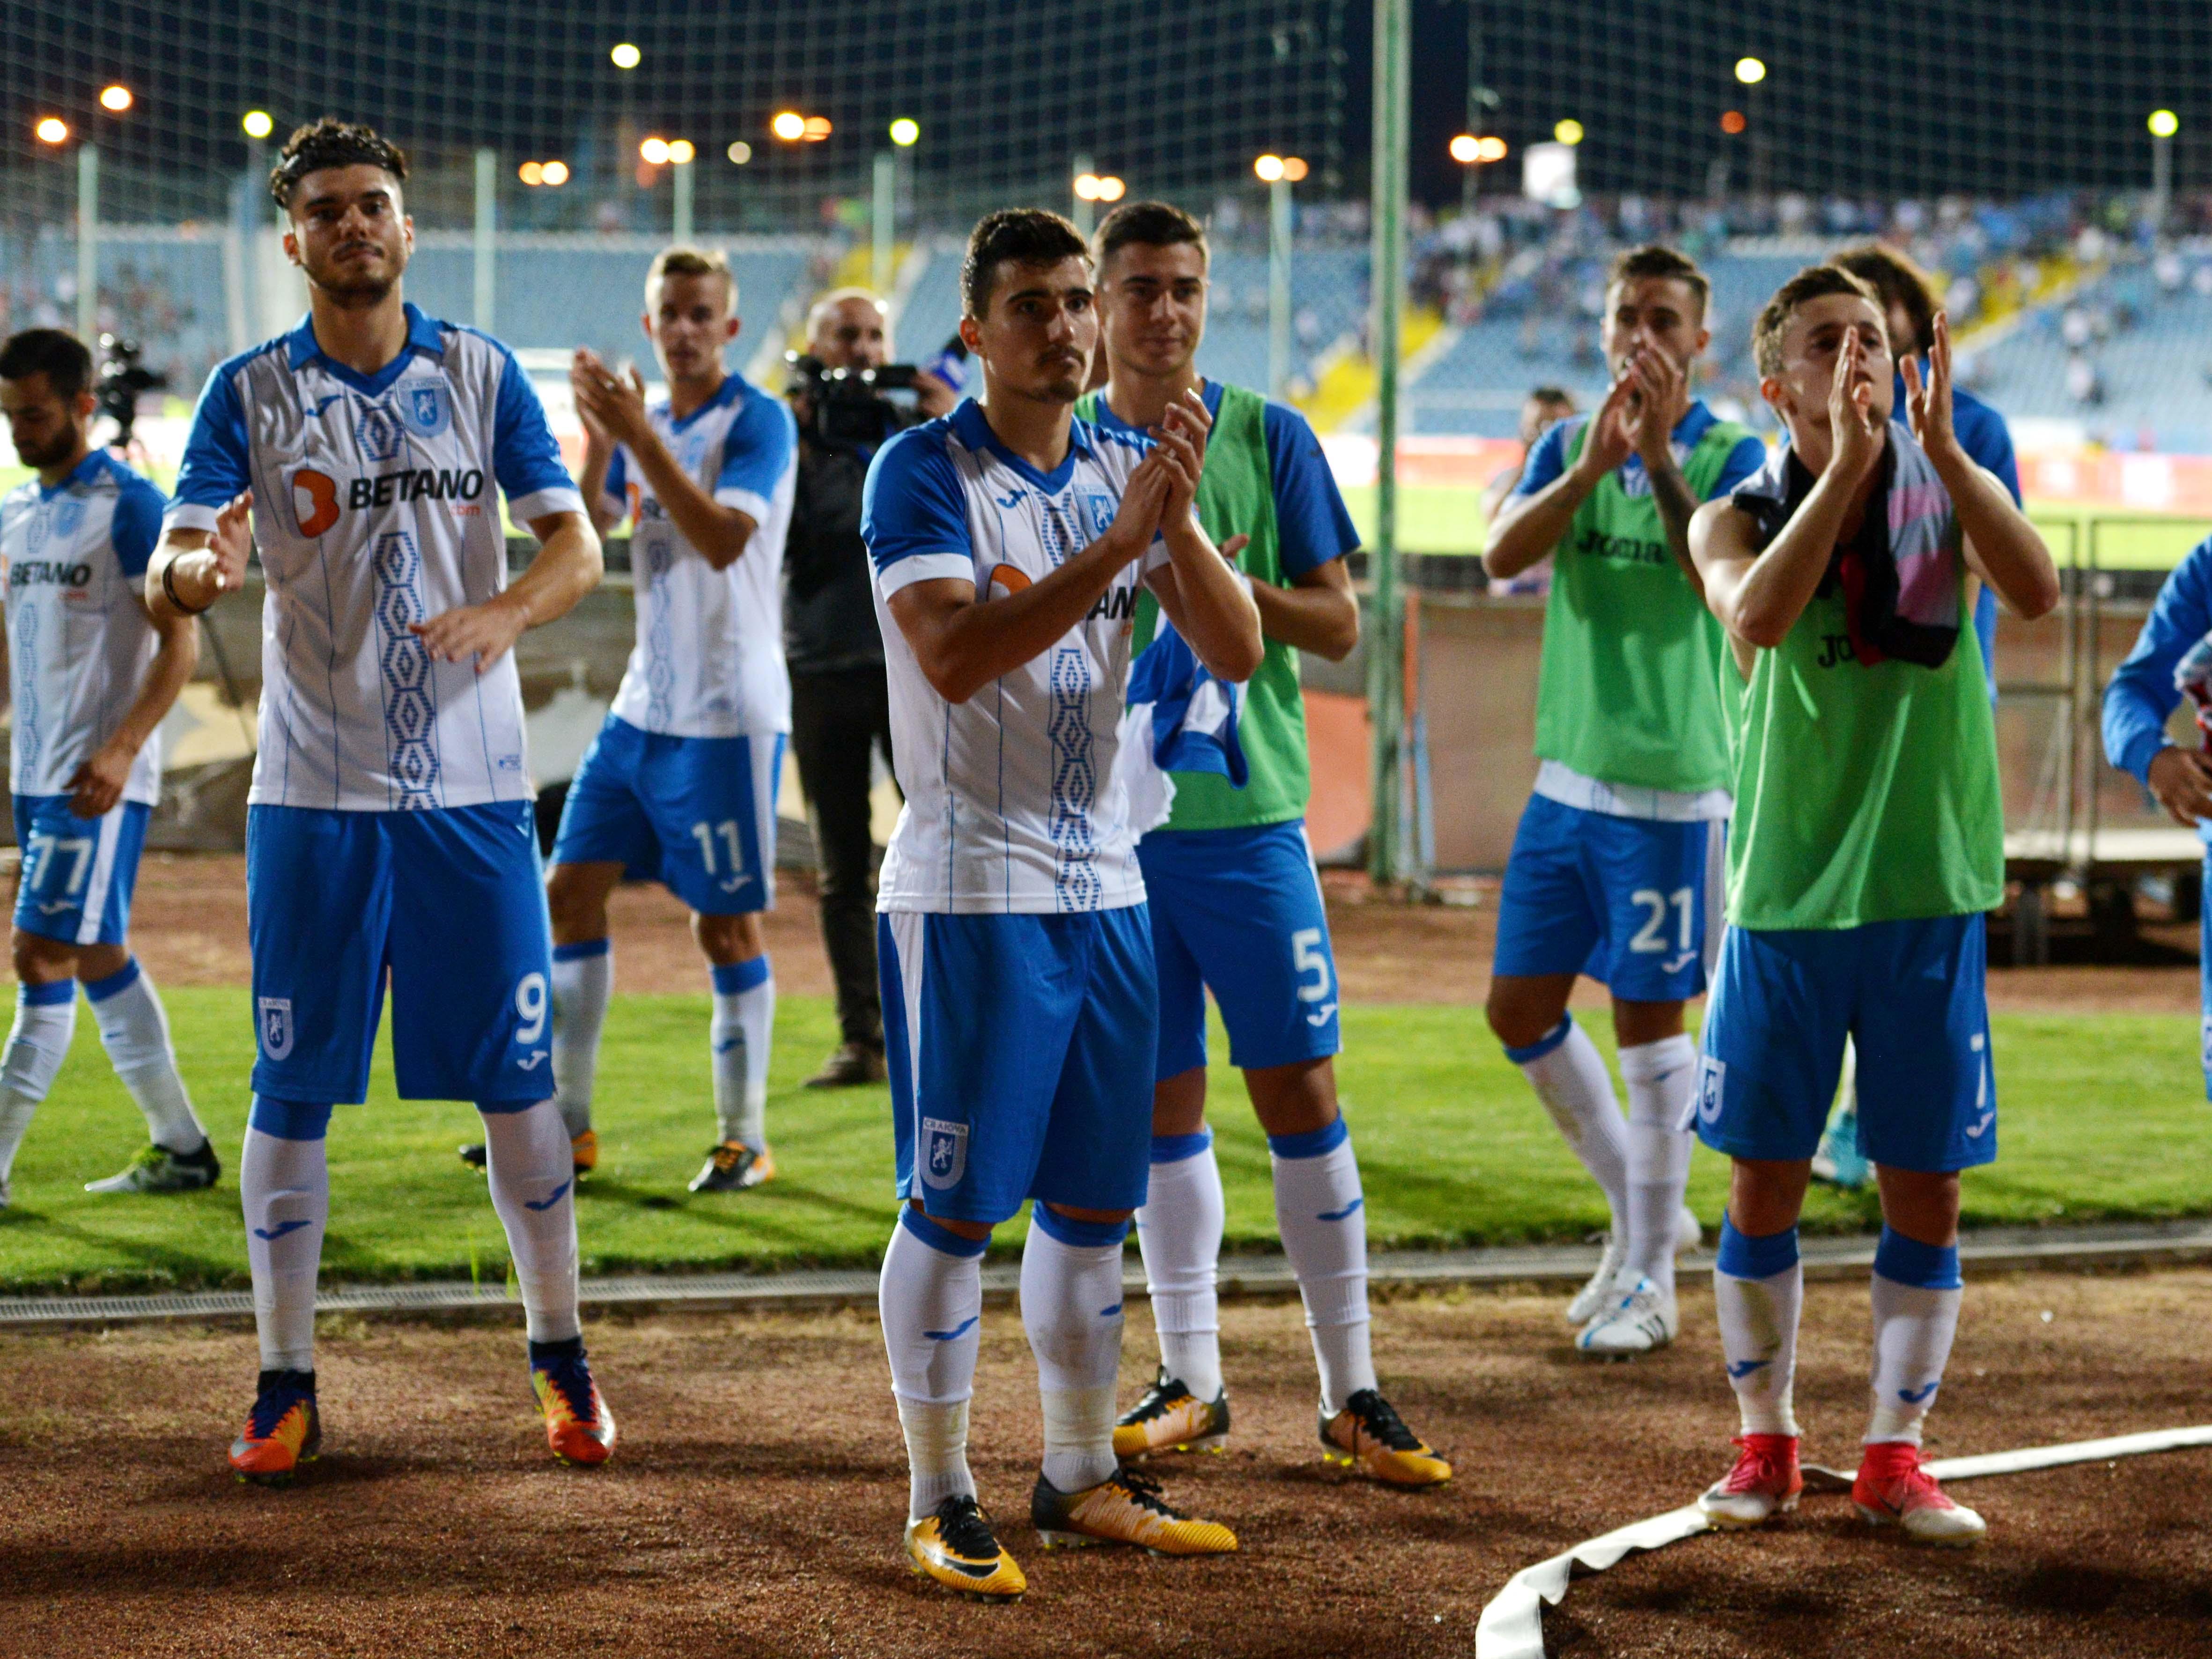 Mihai Roman, Ionuț Briceag și Mitriță la finalul unui meci al Universității Craiova. Sursă foto: sportpictures.eu